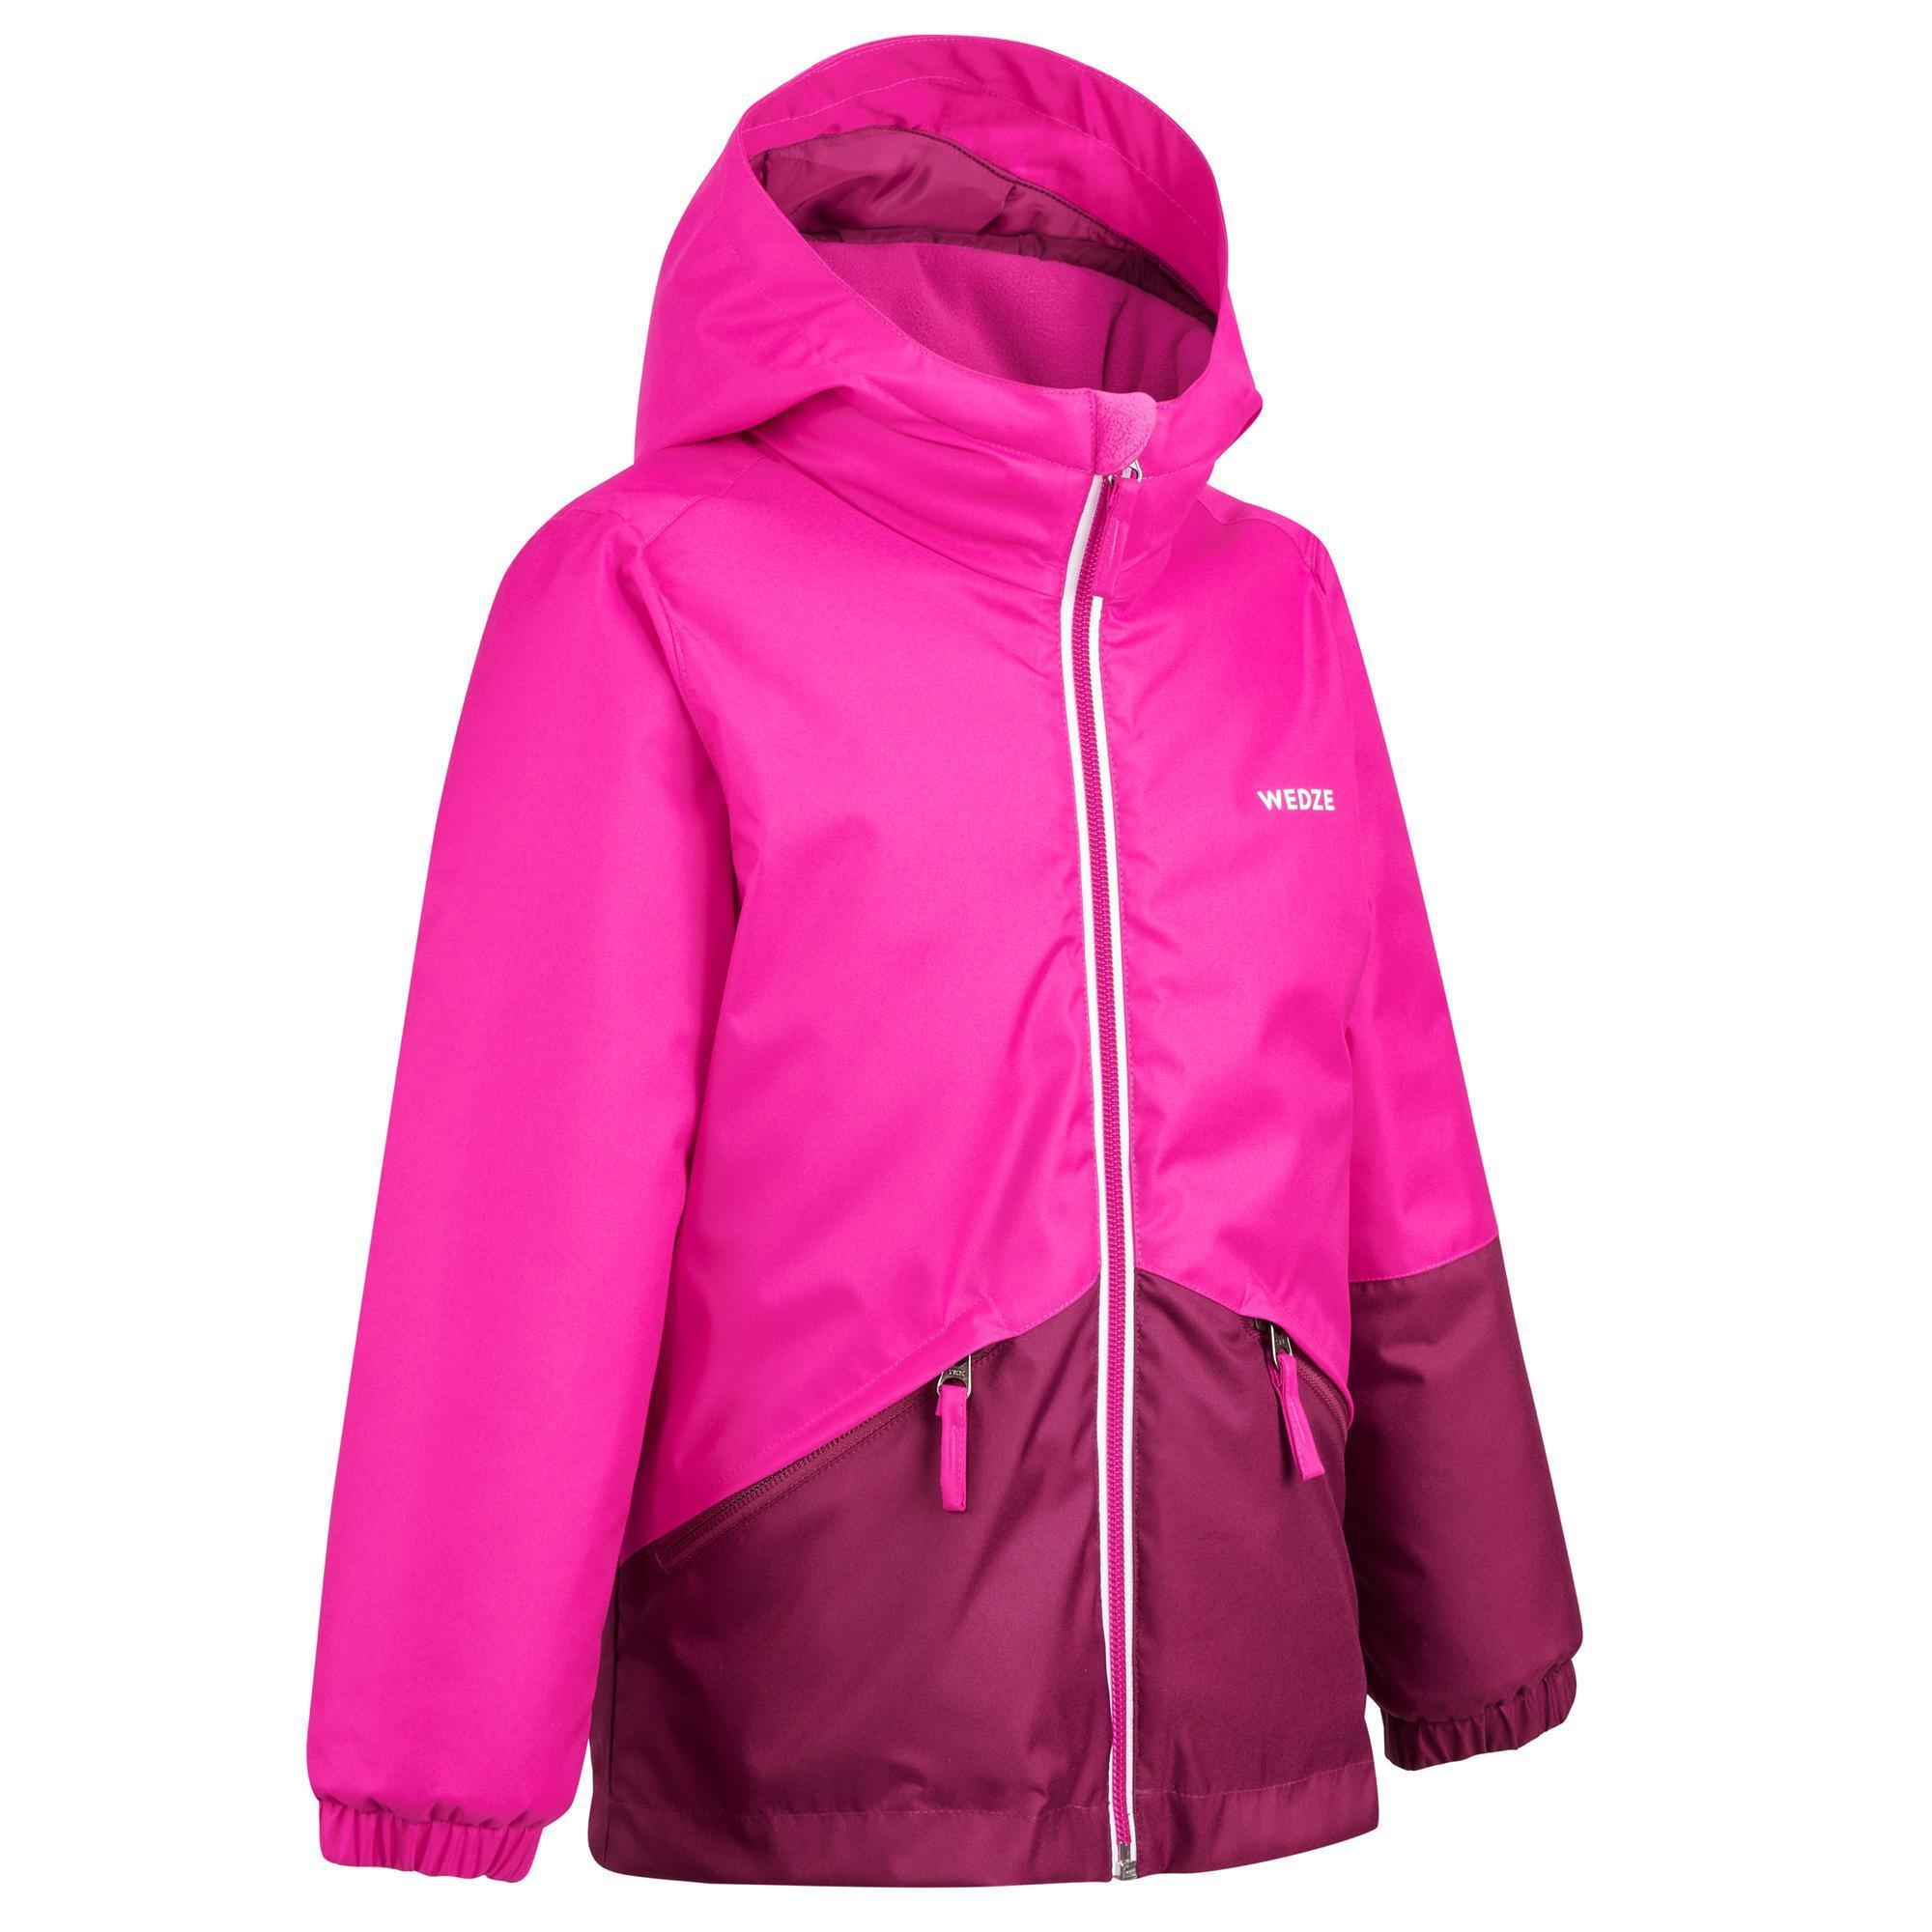 apparence élégante dans quelques jours technologies sophistiquées Vêtements de ski Enfant | DECATHLON